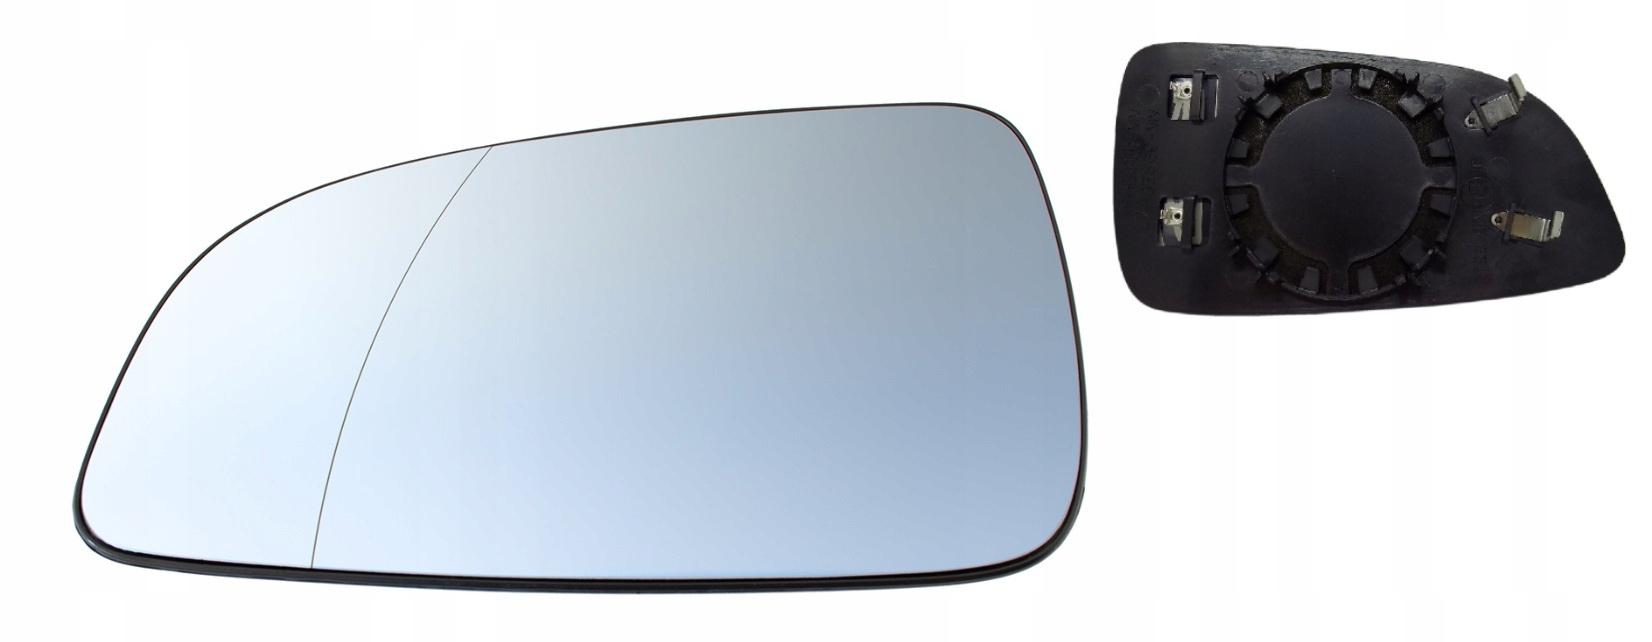 opel astra h iii вклад стекло зеркала с подогревом l